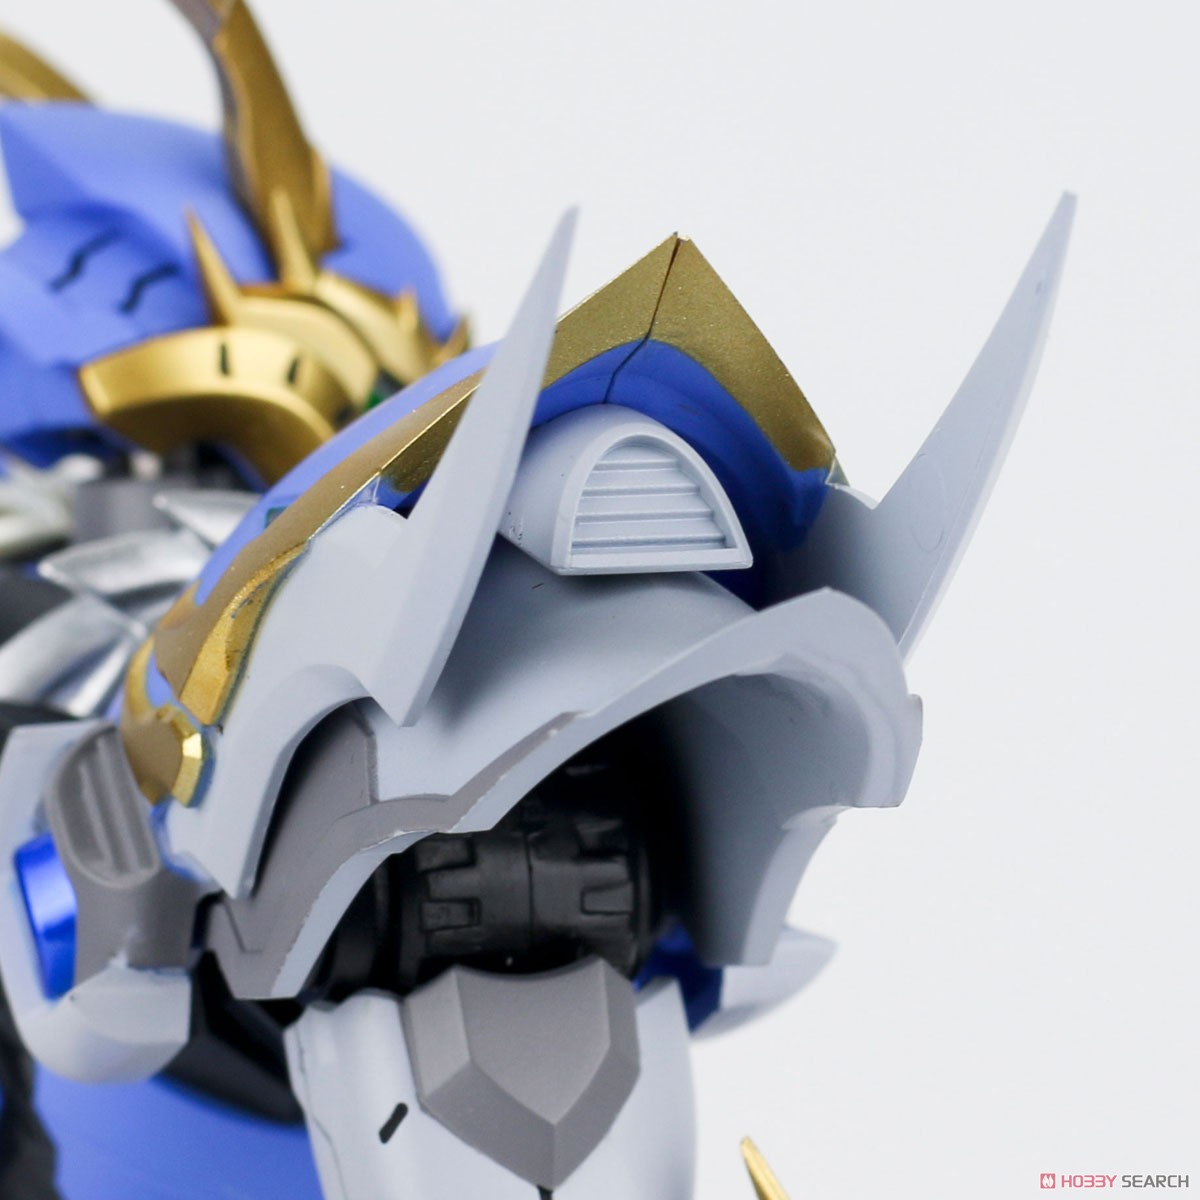 三国猛将シリーズ『趙雲子龍』可動フィギュア-018